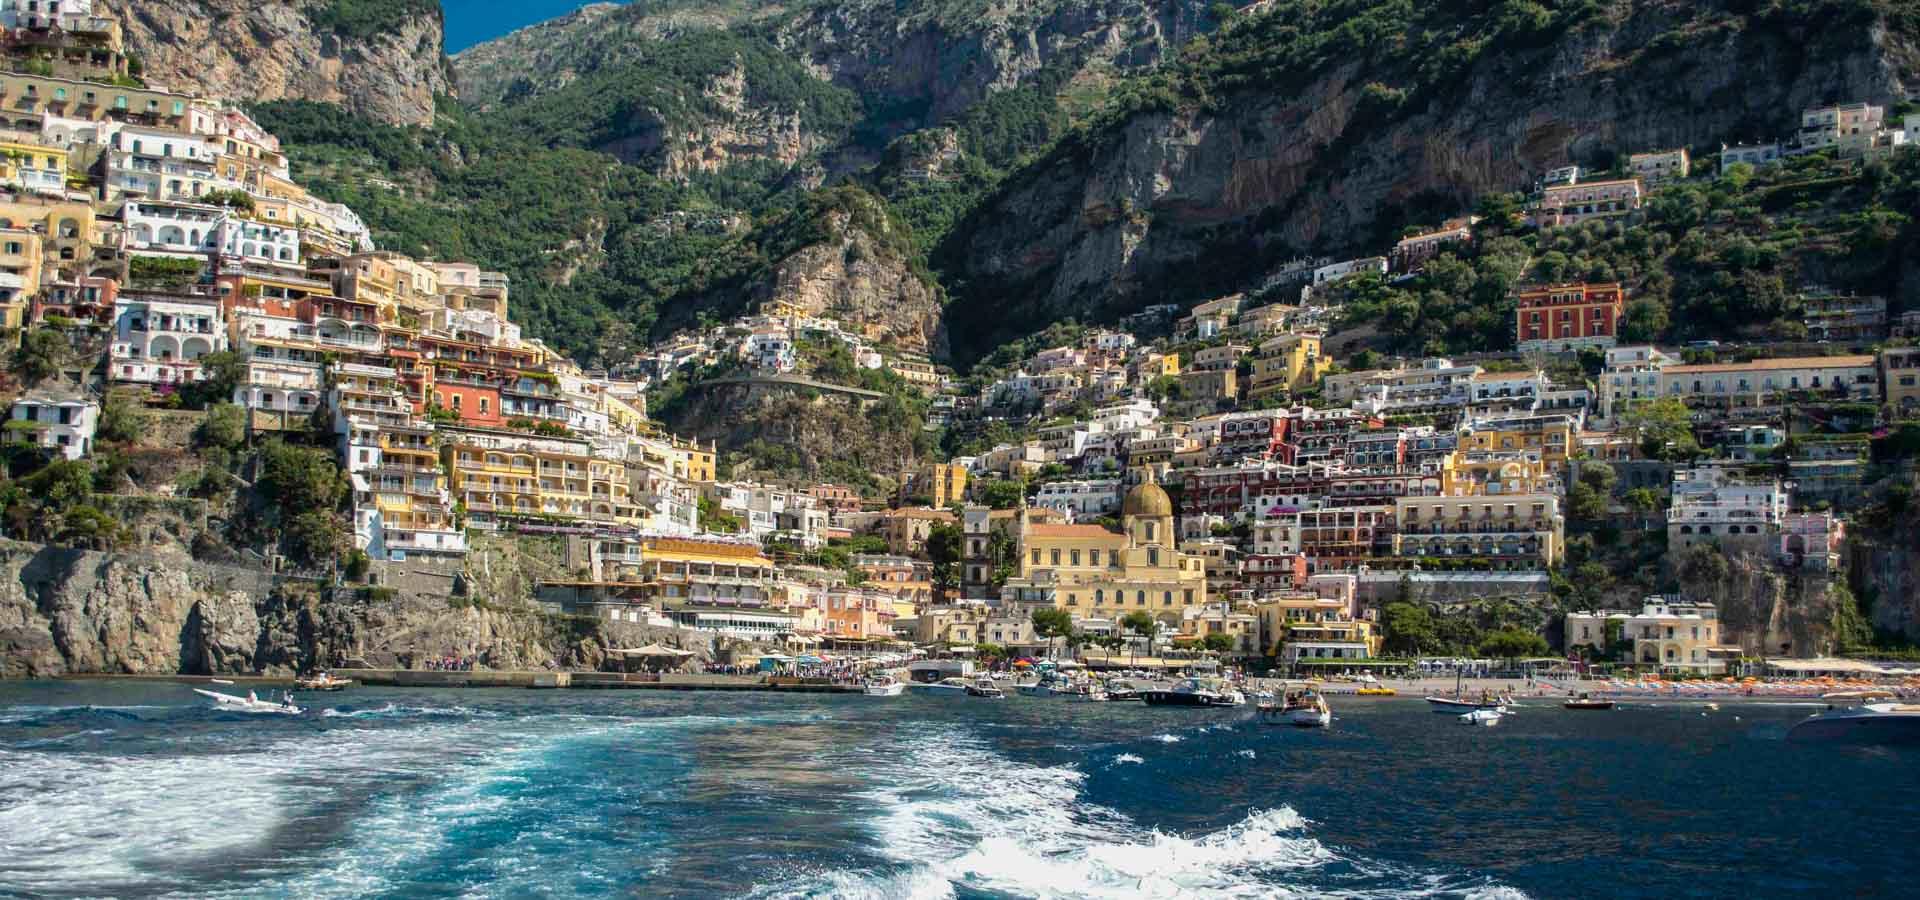 Αποτέλεσμα εικόνας για Amalfi Coast, Italy